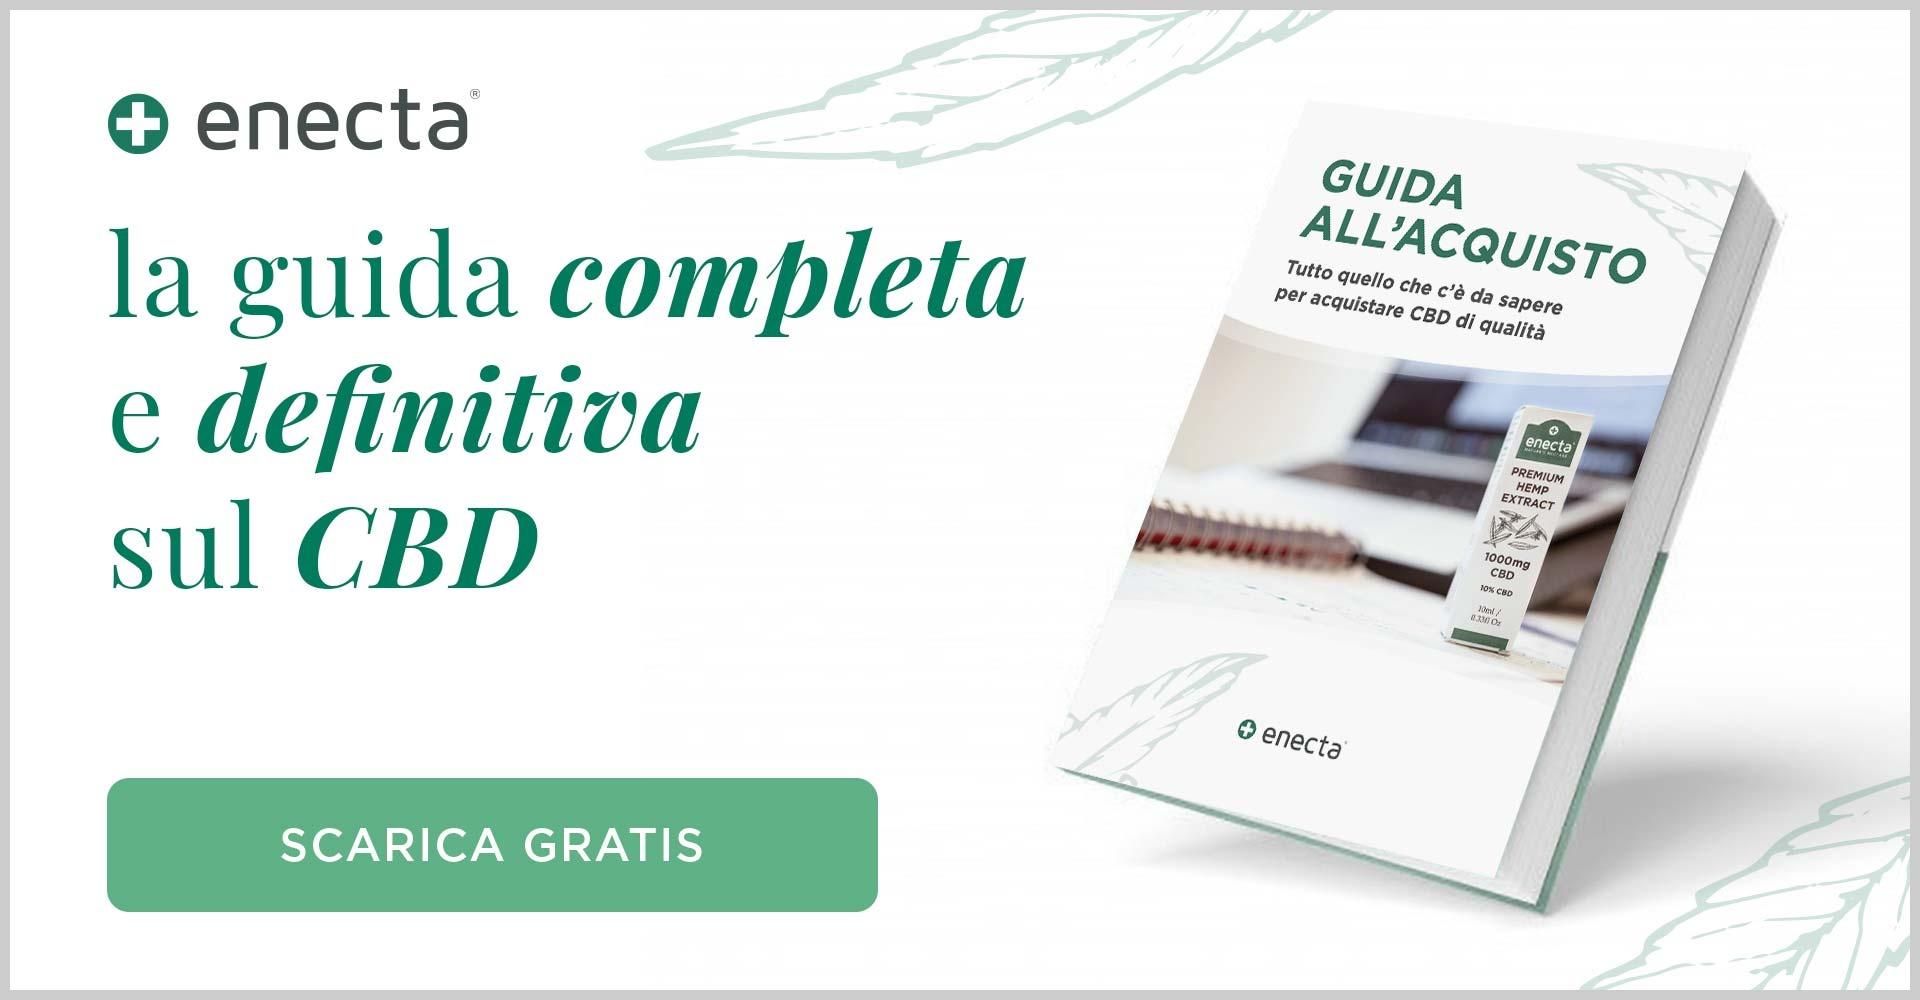 Guida all'acquisto di CBD Enecta